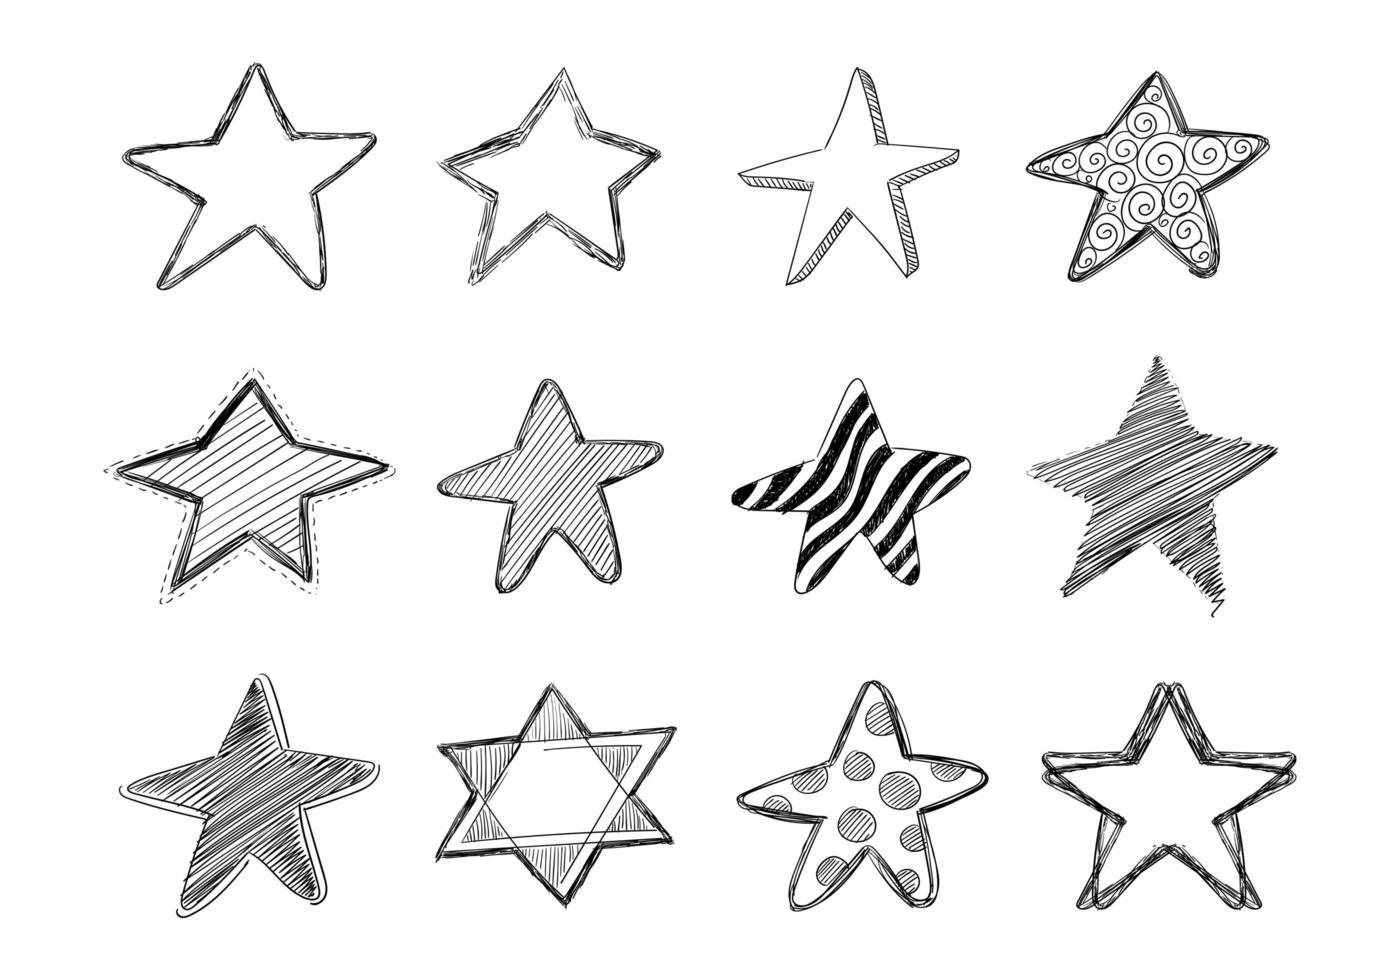 Hand gezeichnete Skizze Gekritzel Stern Sammlung Design vektor